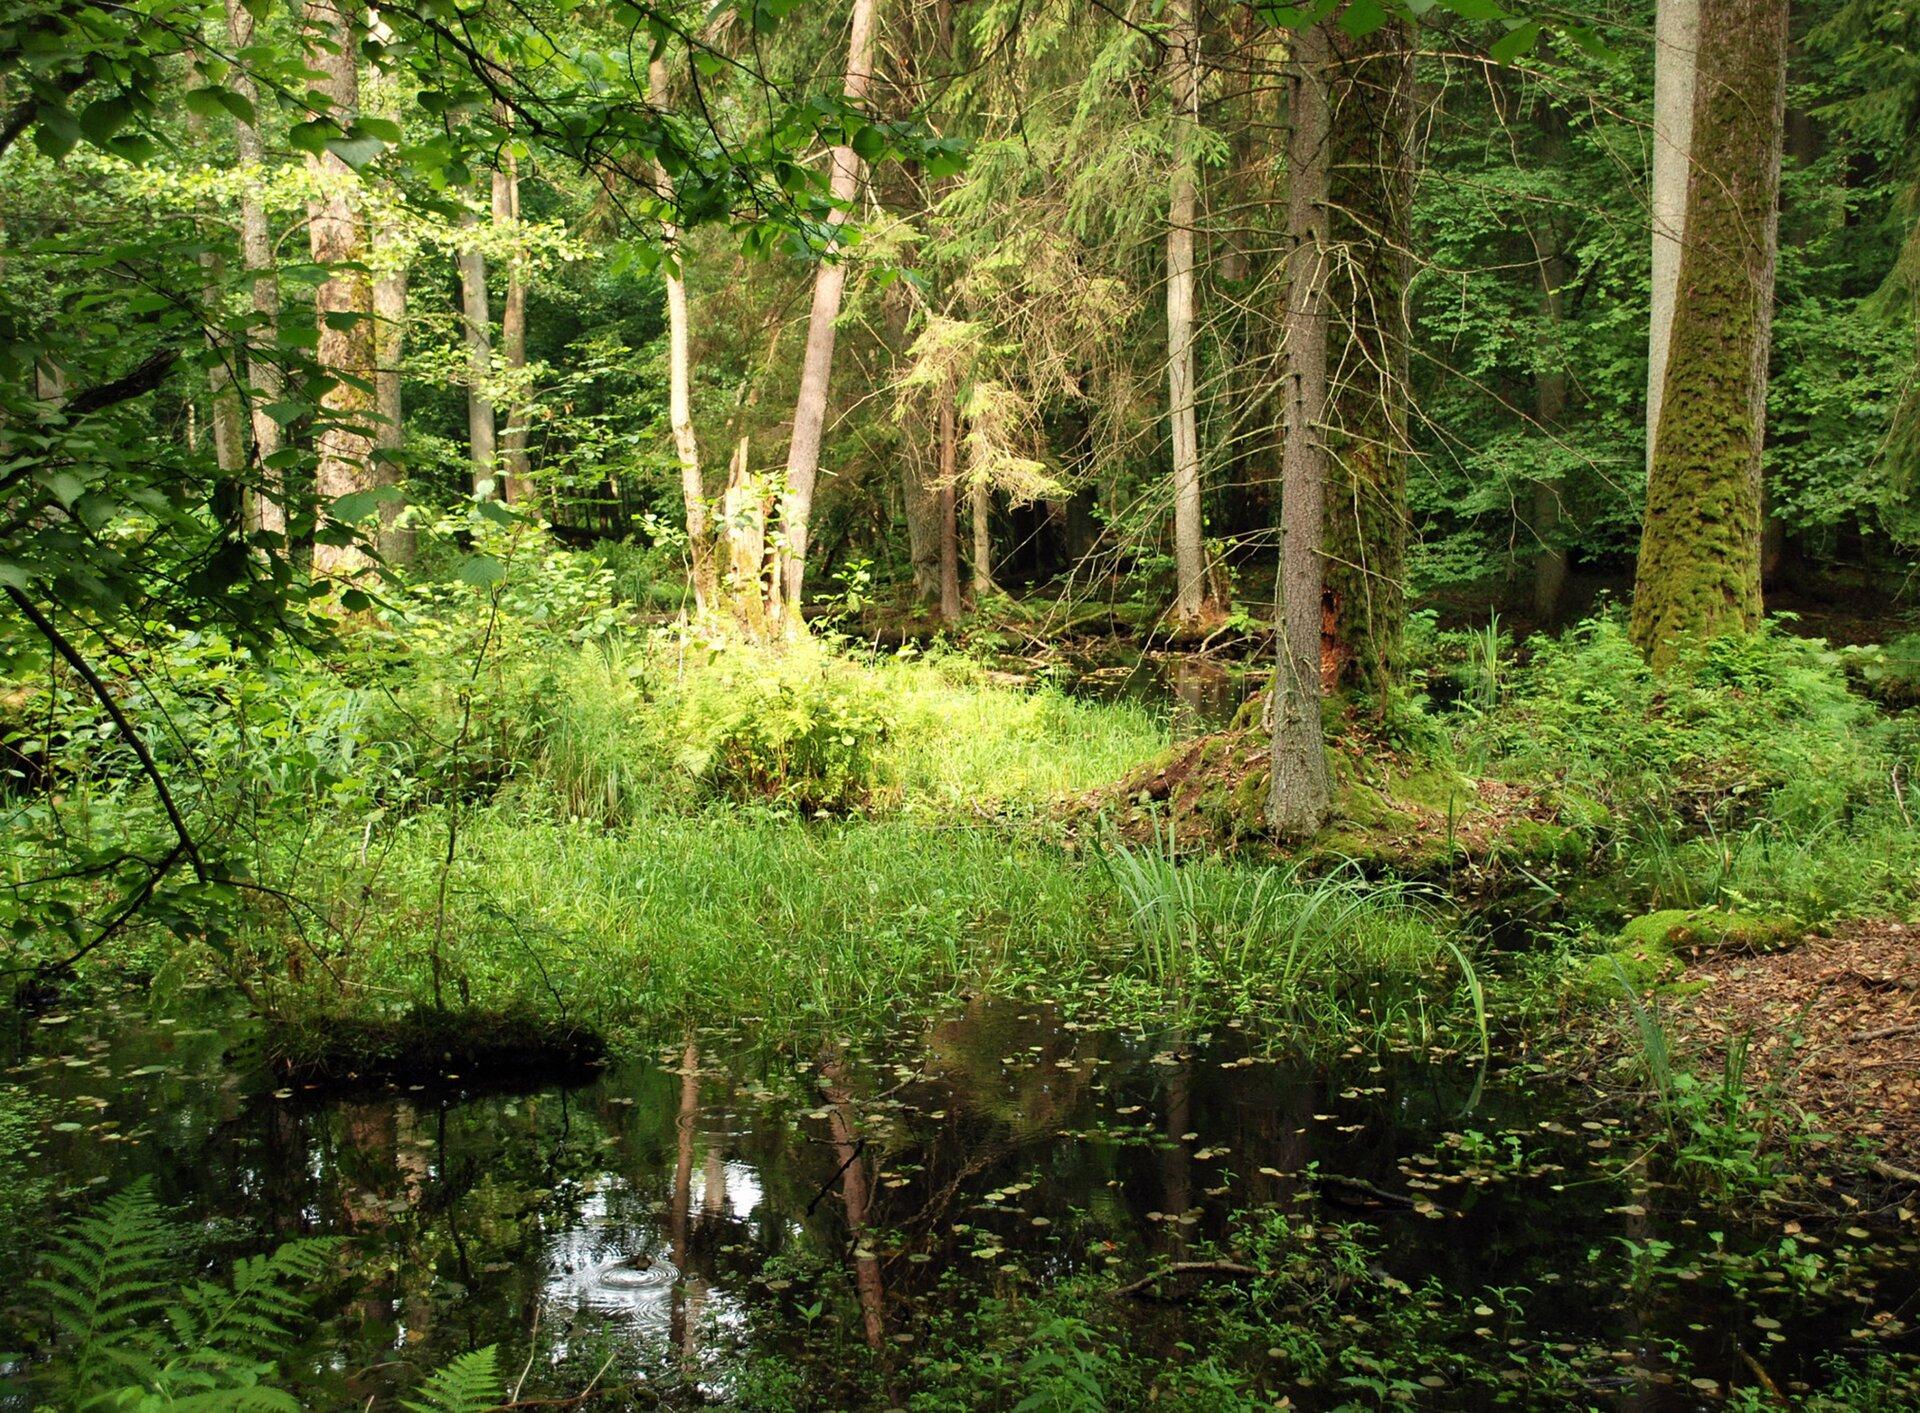 Puszcza Białowieska Puszcza Białowieska Źródło: Jacek Karczmarz, licencja: CC BY 3.0.